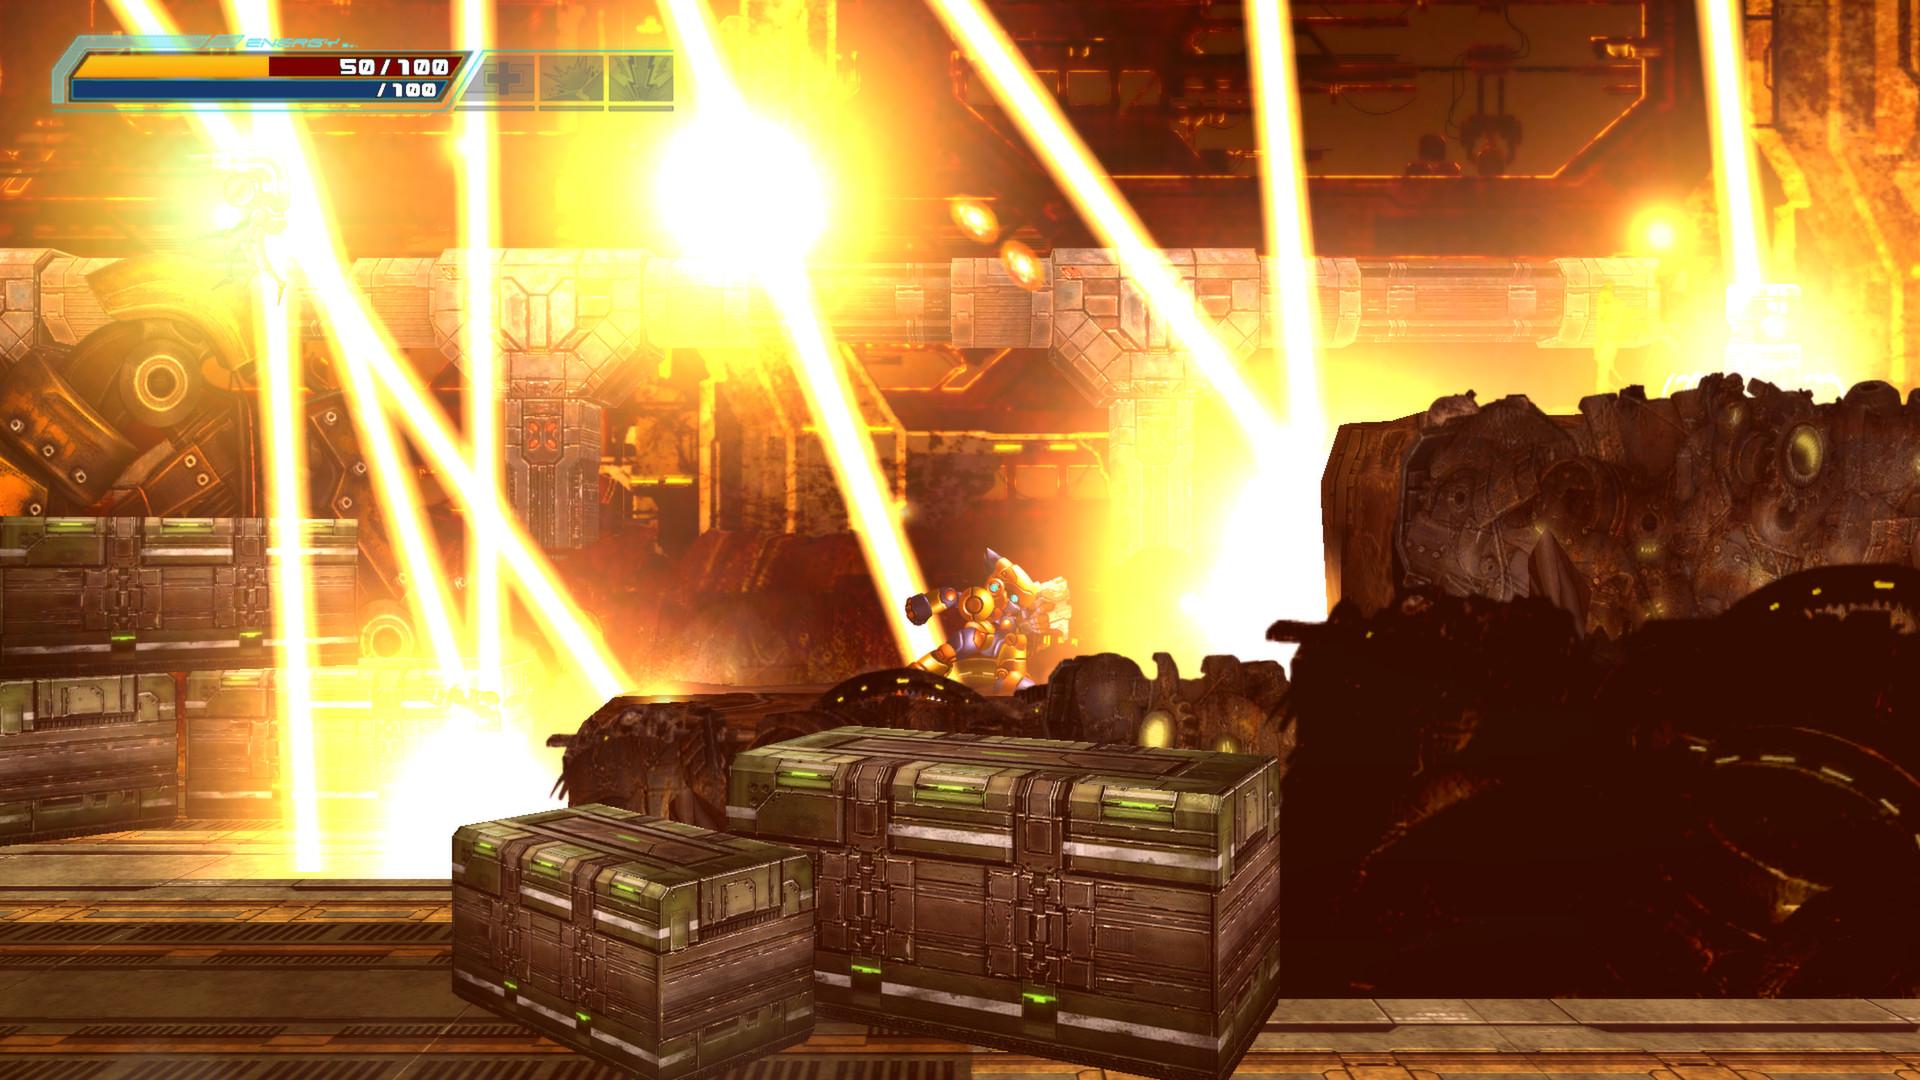 com.steam.315340-screenshot